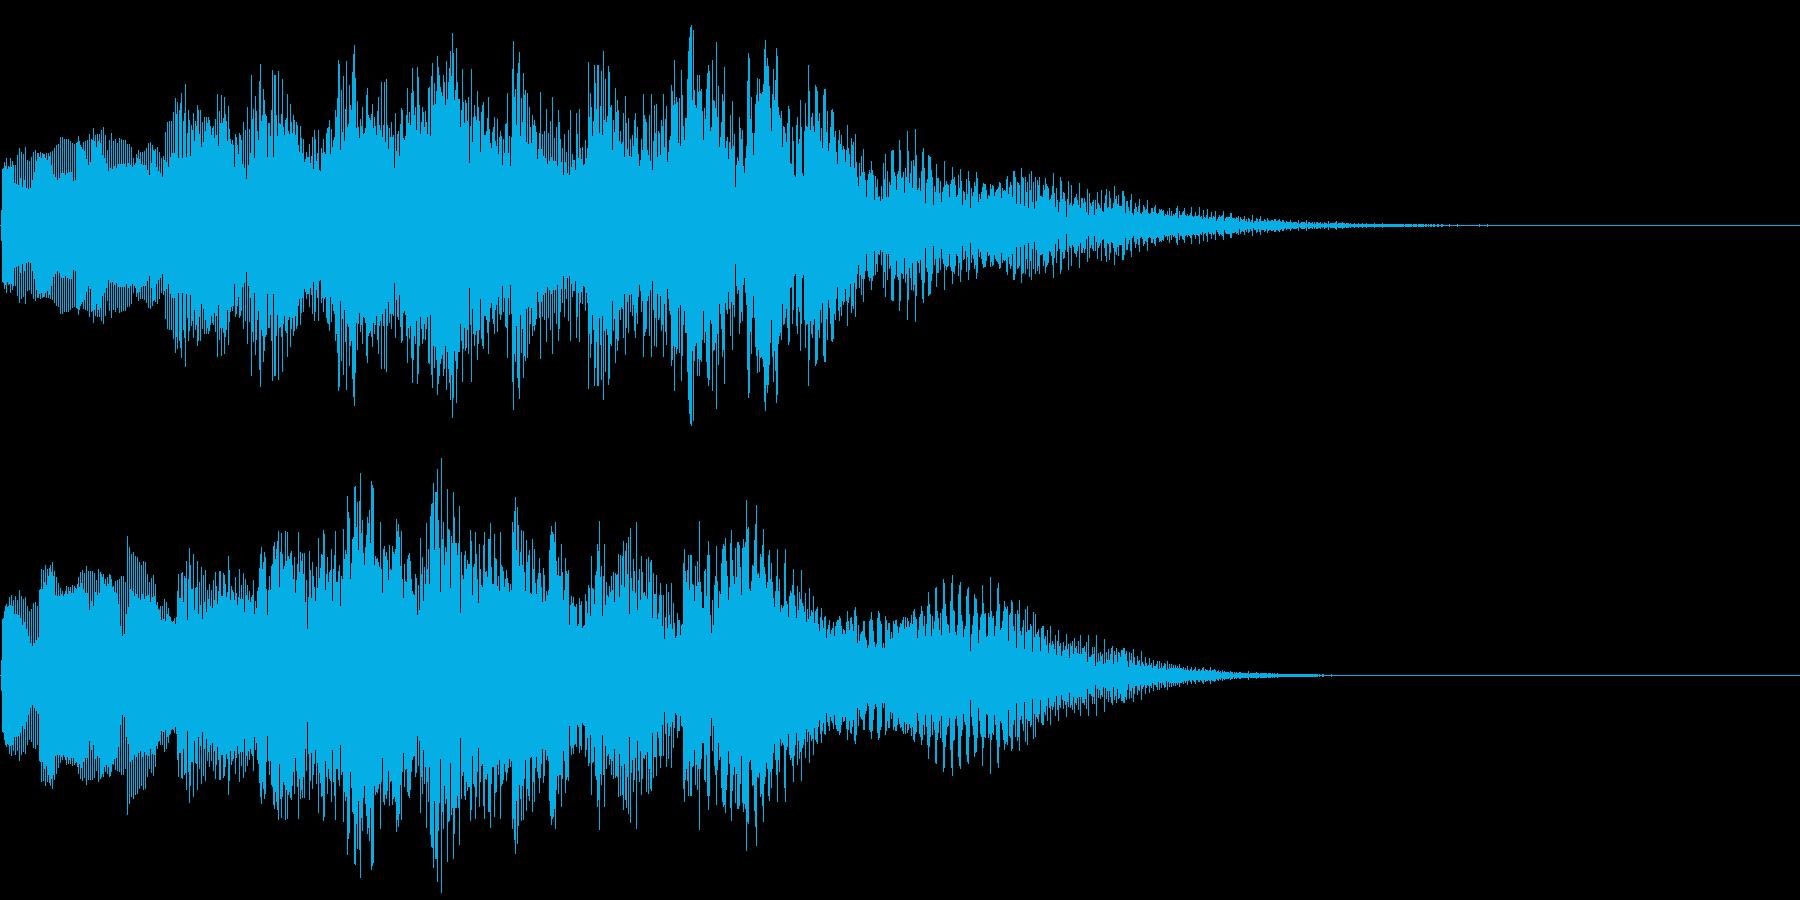 優しいチャイムお知らせタイトル ロゴ12の再生済みの波形